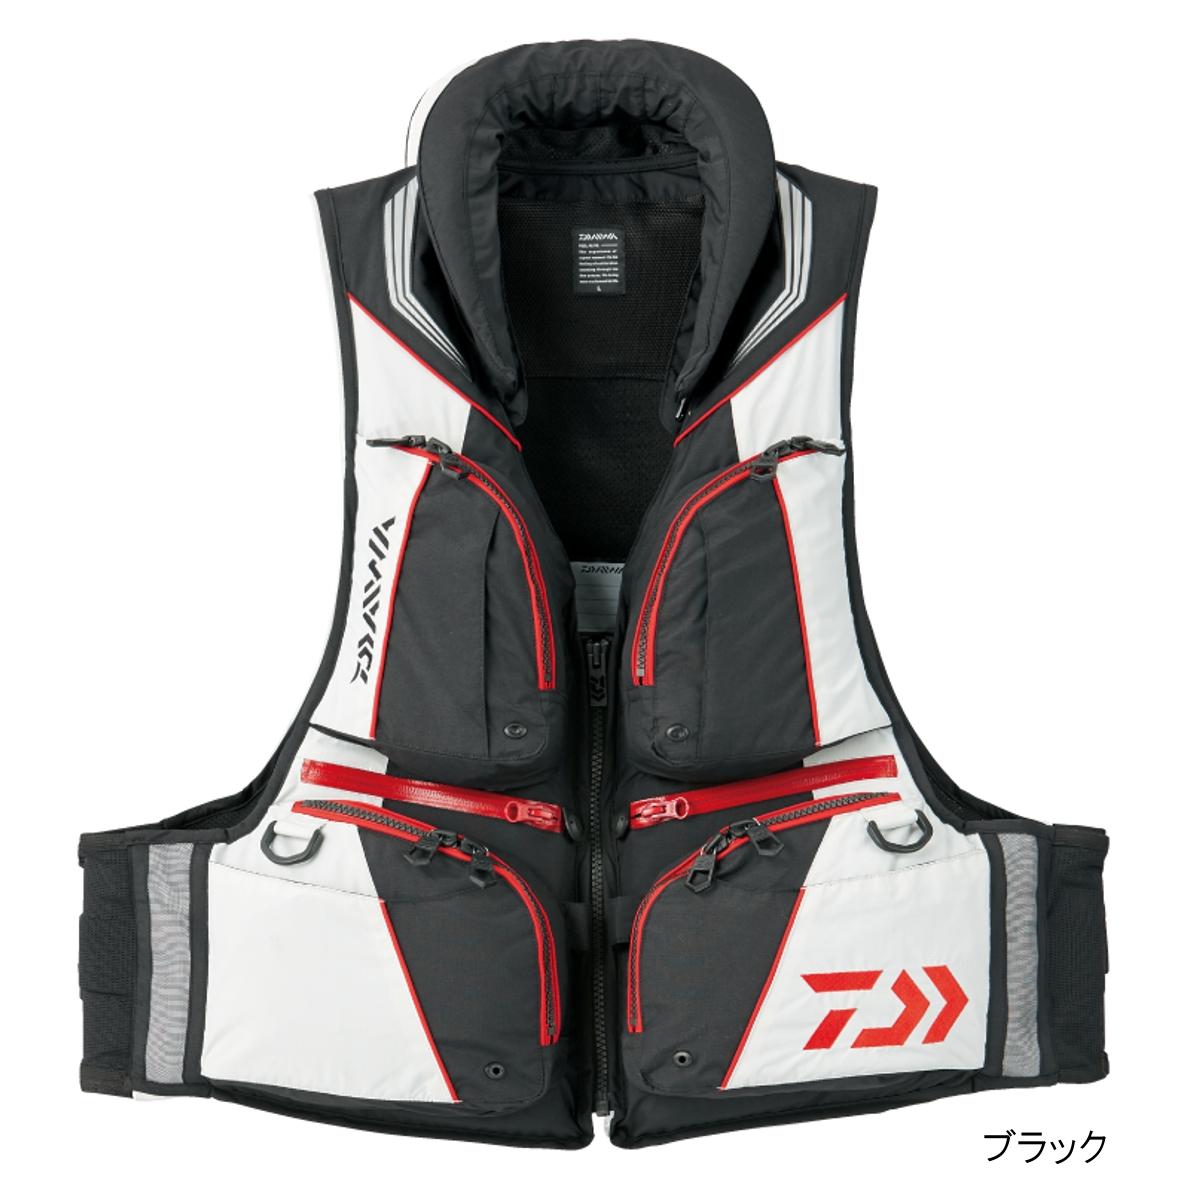 ダイワ トーナメント バリアテック 枕つきサイバーフロート DF-3508 2XL ブラック(東日本店)